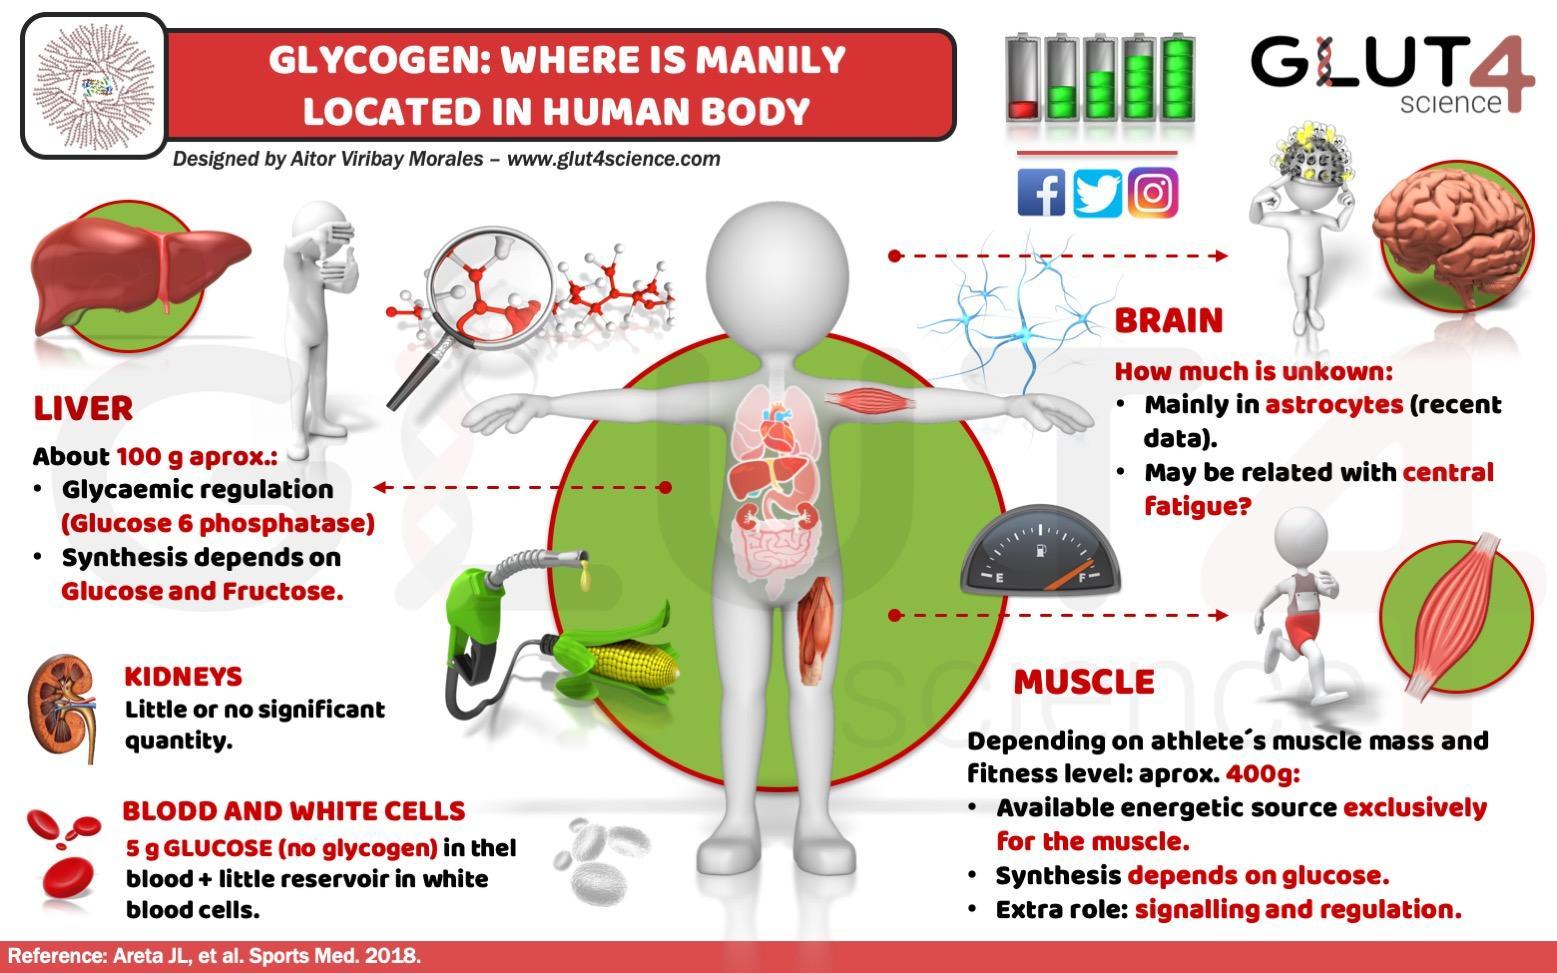 Glycogen in Human Body